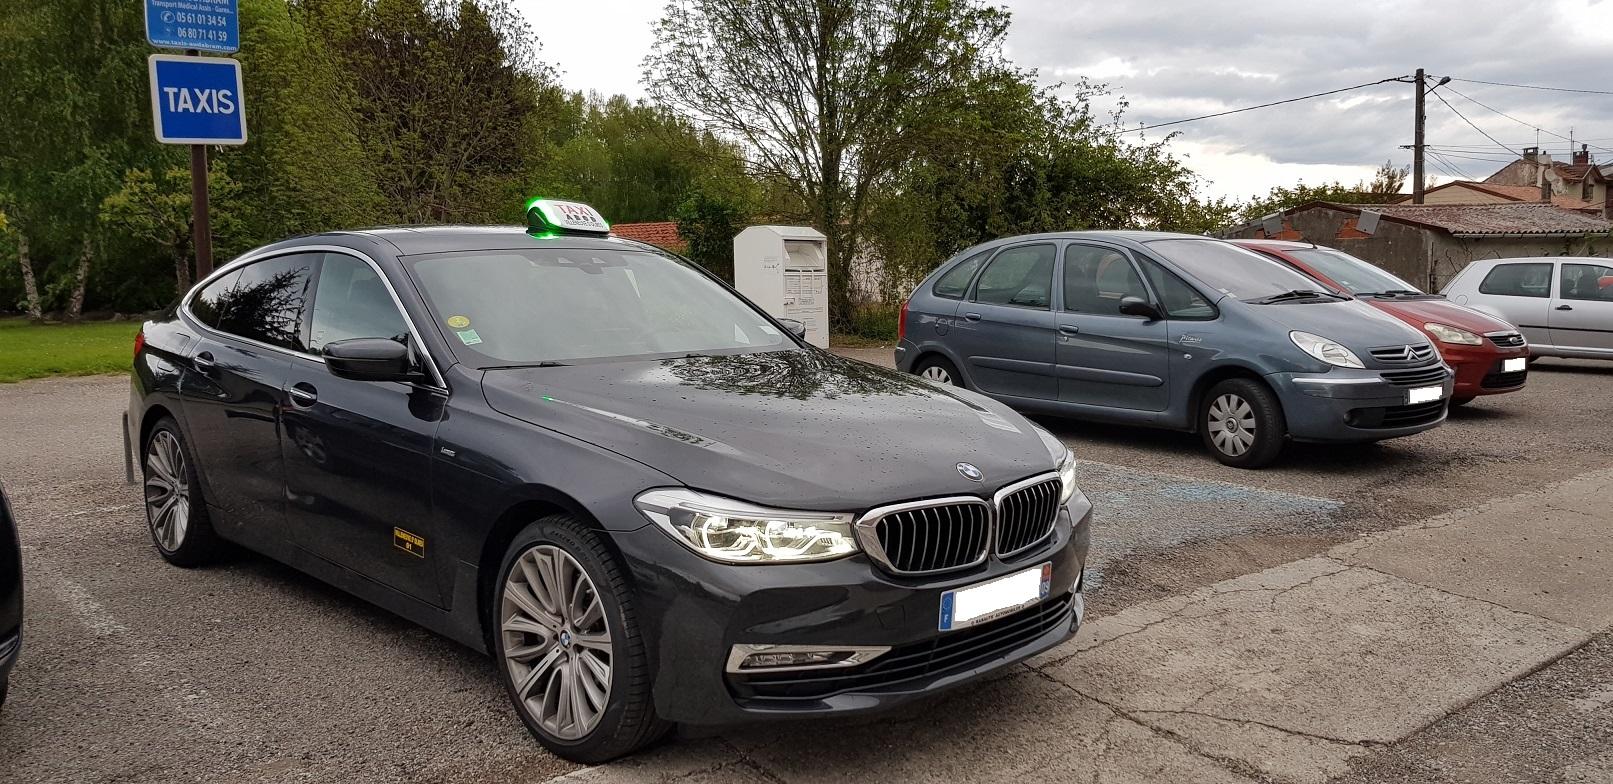 La Limousine BMW série 6 GT X-Drive luxury (un mélange de routière XXL, d'SUV & de coupé tout option)